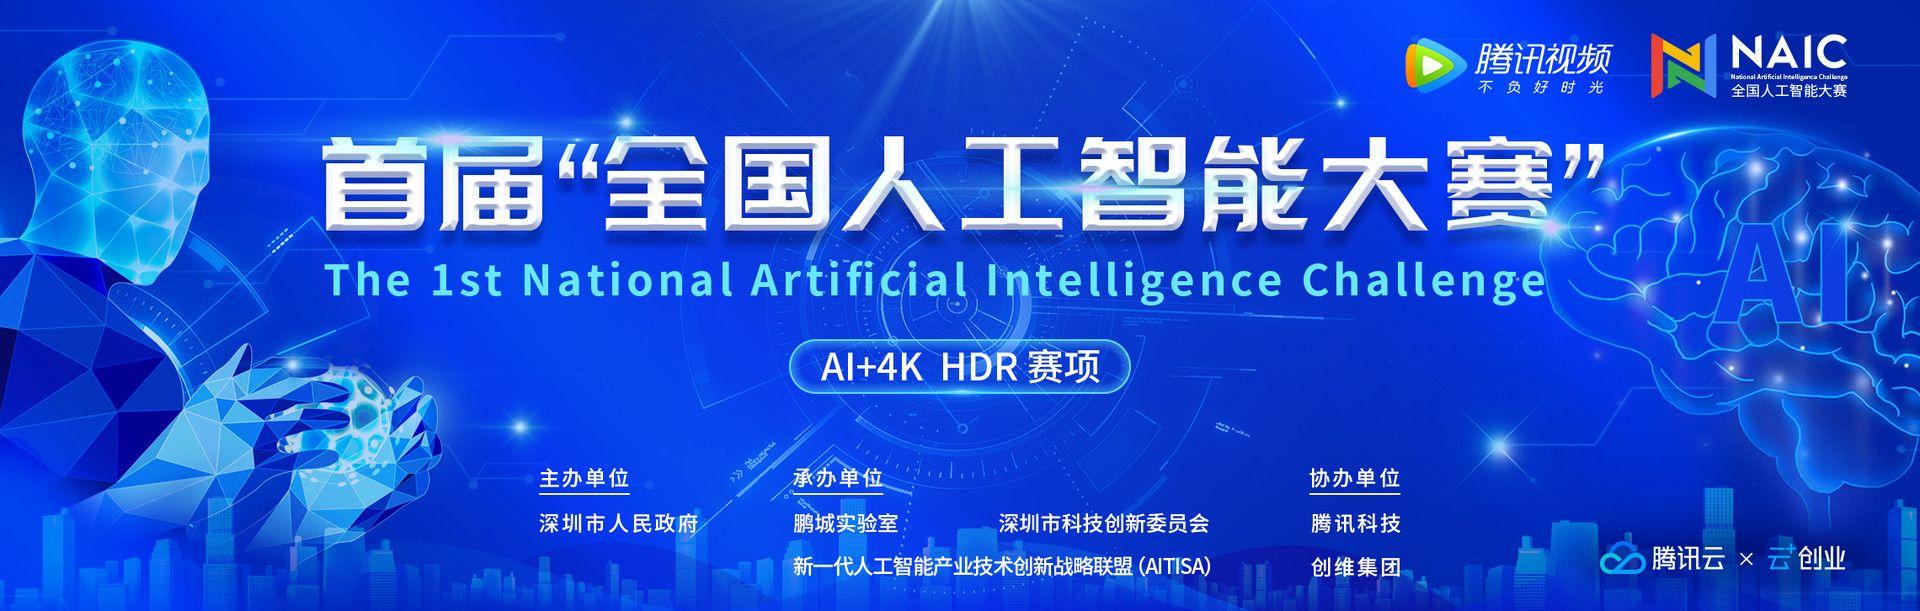 全国人工智能大赛 AI+4K HDR赛项 冠军团队方案分享